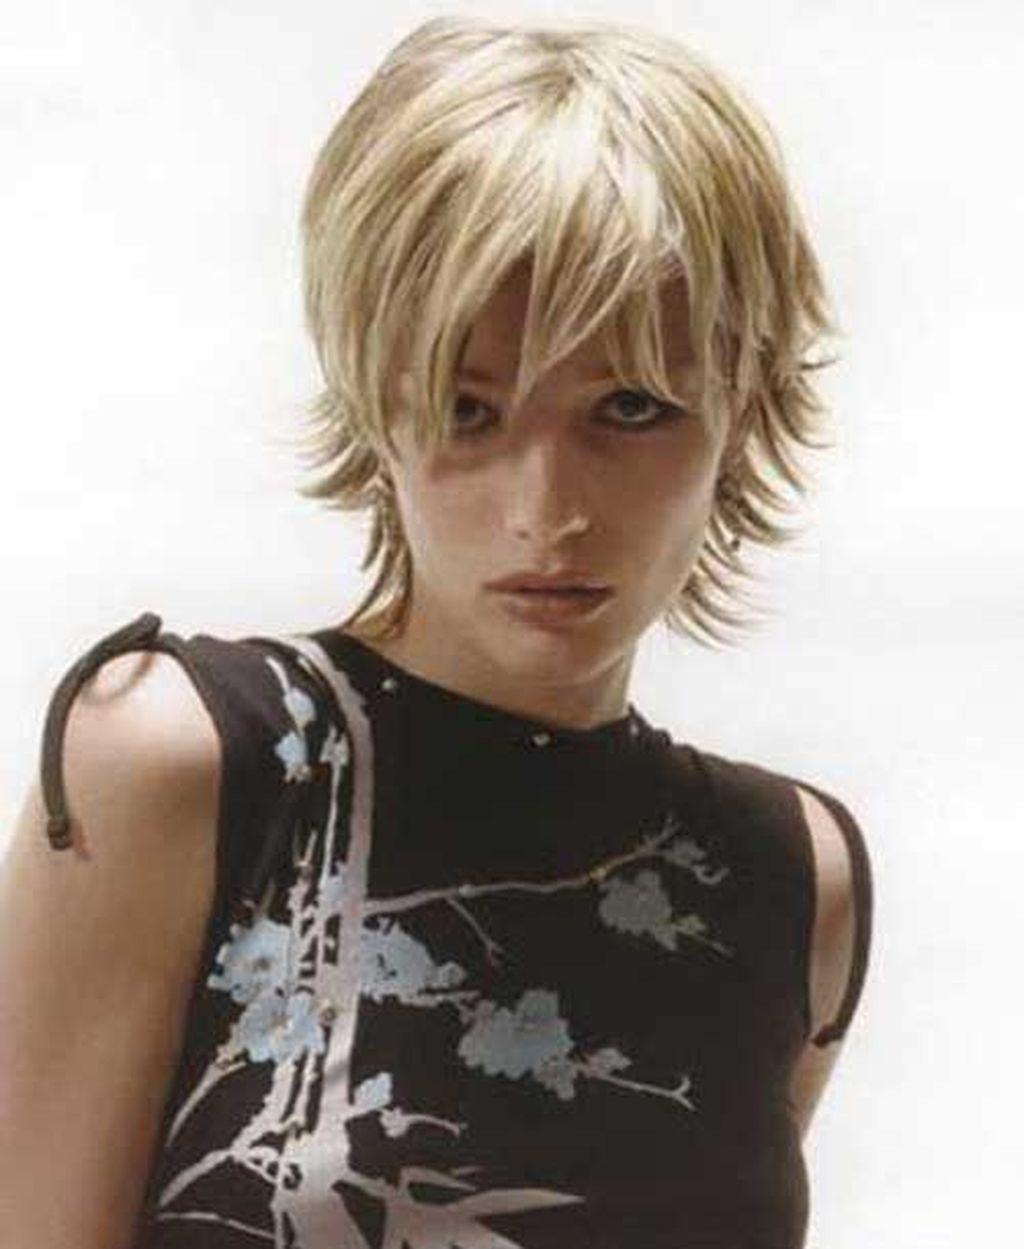 Pretty Short Hairstyles Thin Hair Ideas04 Jpg 1024 1249 Short Hair With Layers Short Thin Hair Short Hair Styles